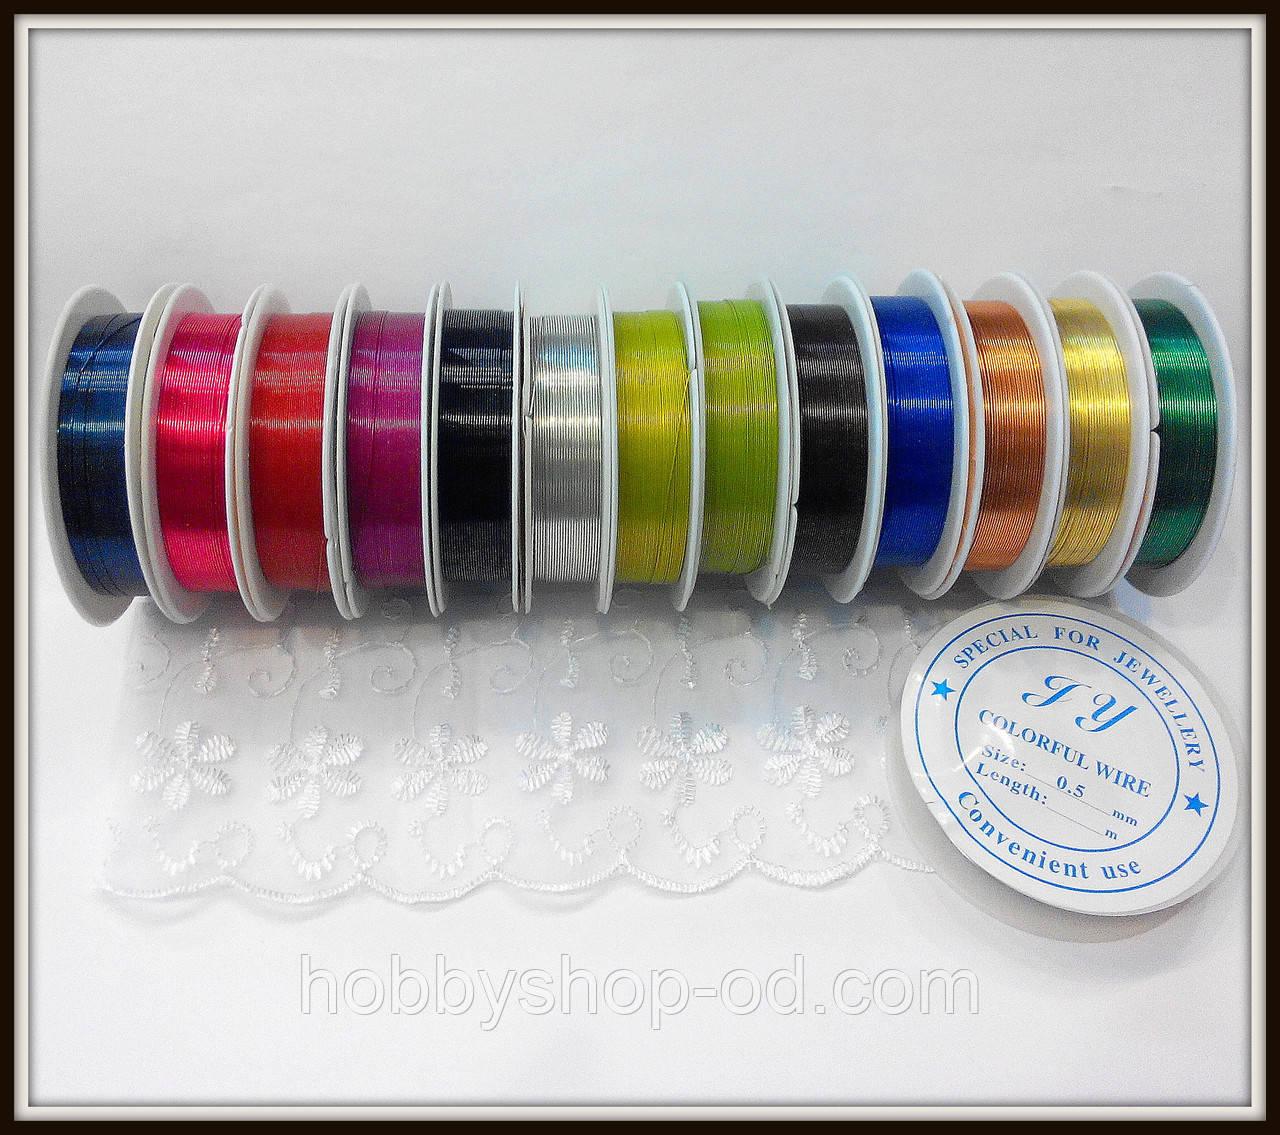 Проволока диам. 0,5 мм цвет MIX .(упаковка 10 бобин)